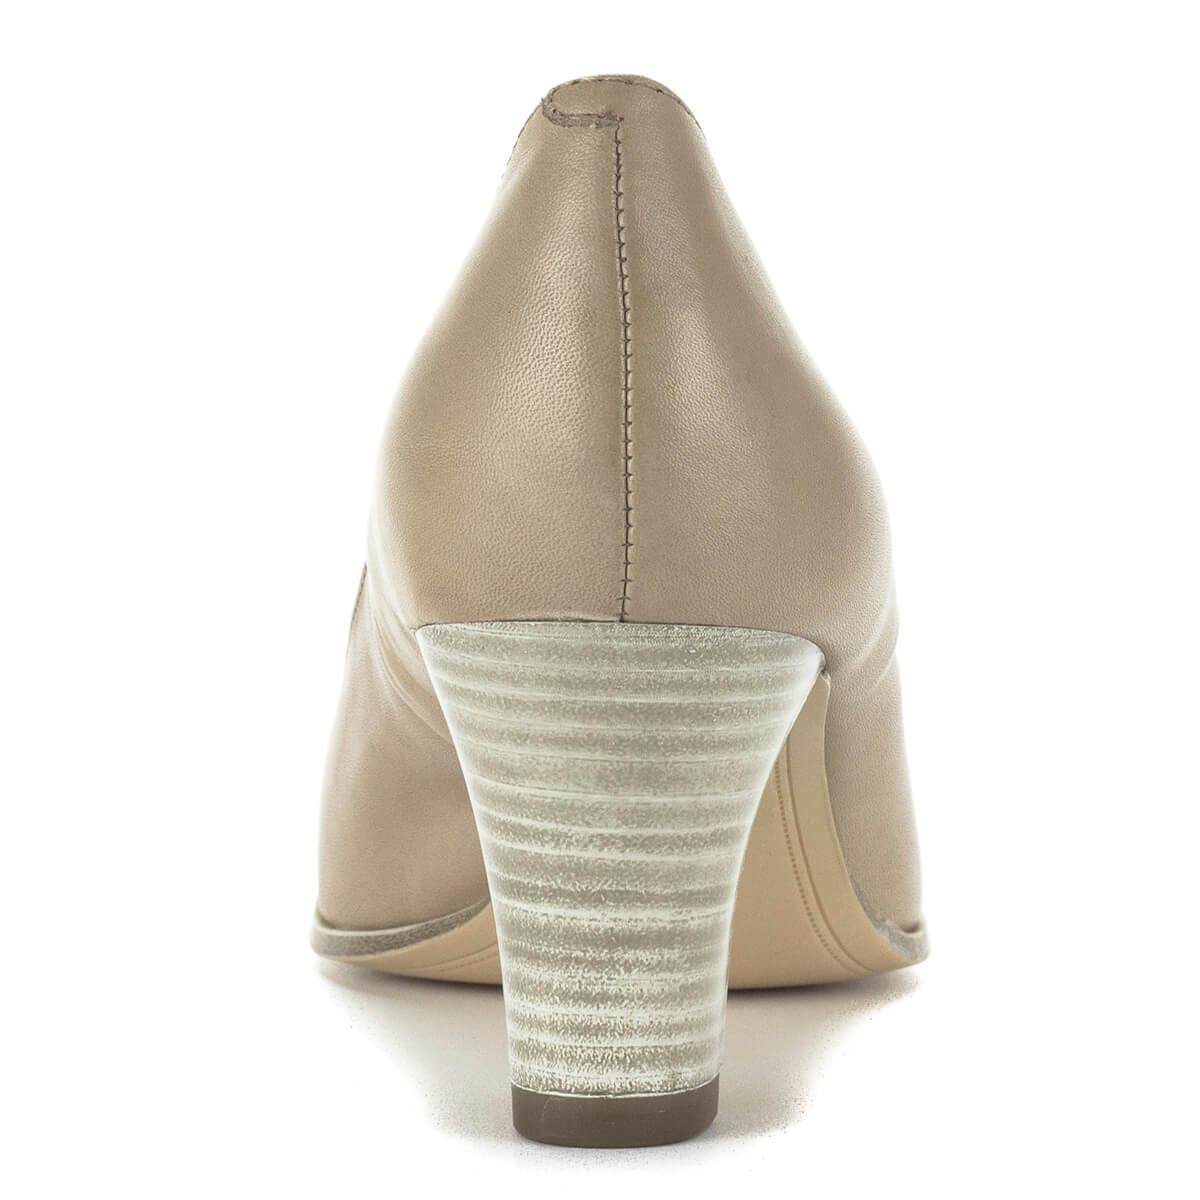 f0fffd7379 Orra nyújtott; Tamaris magassarkú cipő 6,5 cm magas AntiShokk sarokkal,  világos színben.